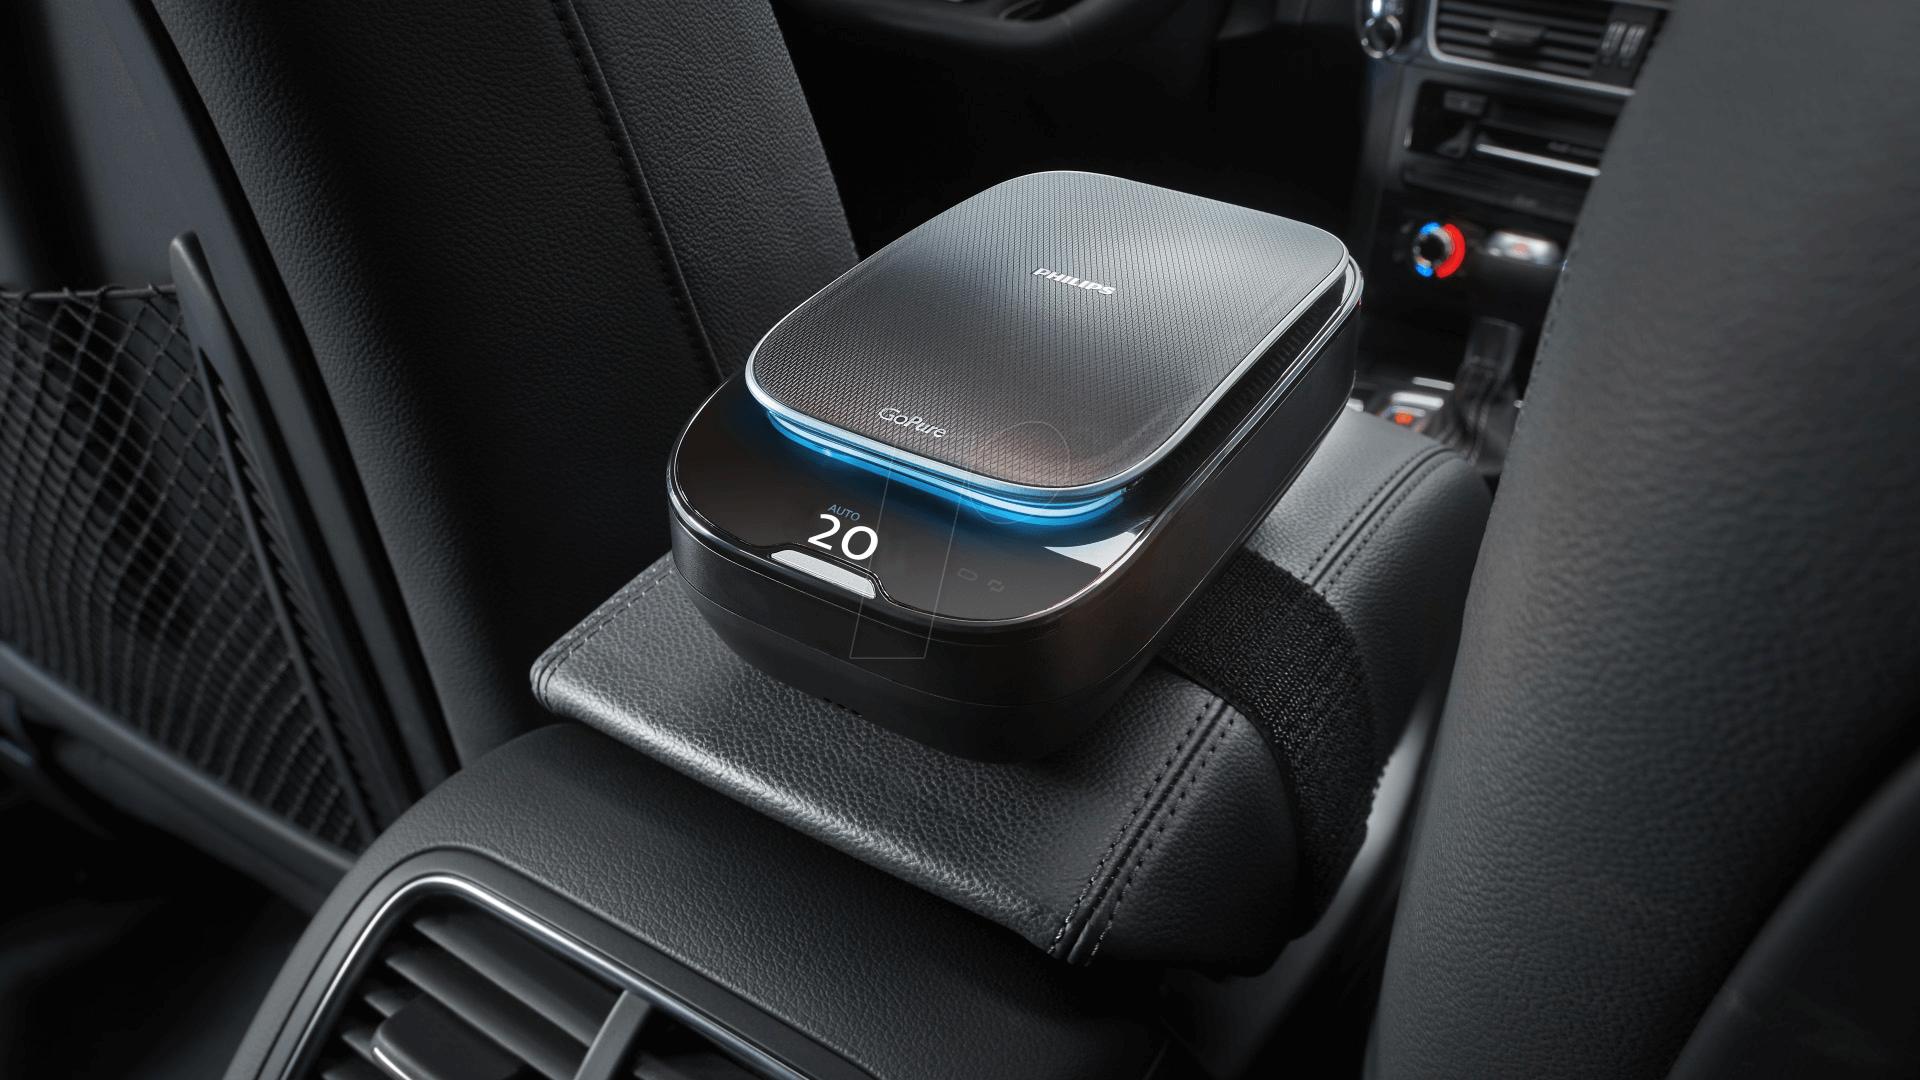 Car Air Purifier : Gopure sl slimline car air purifier at